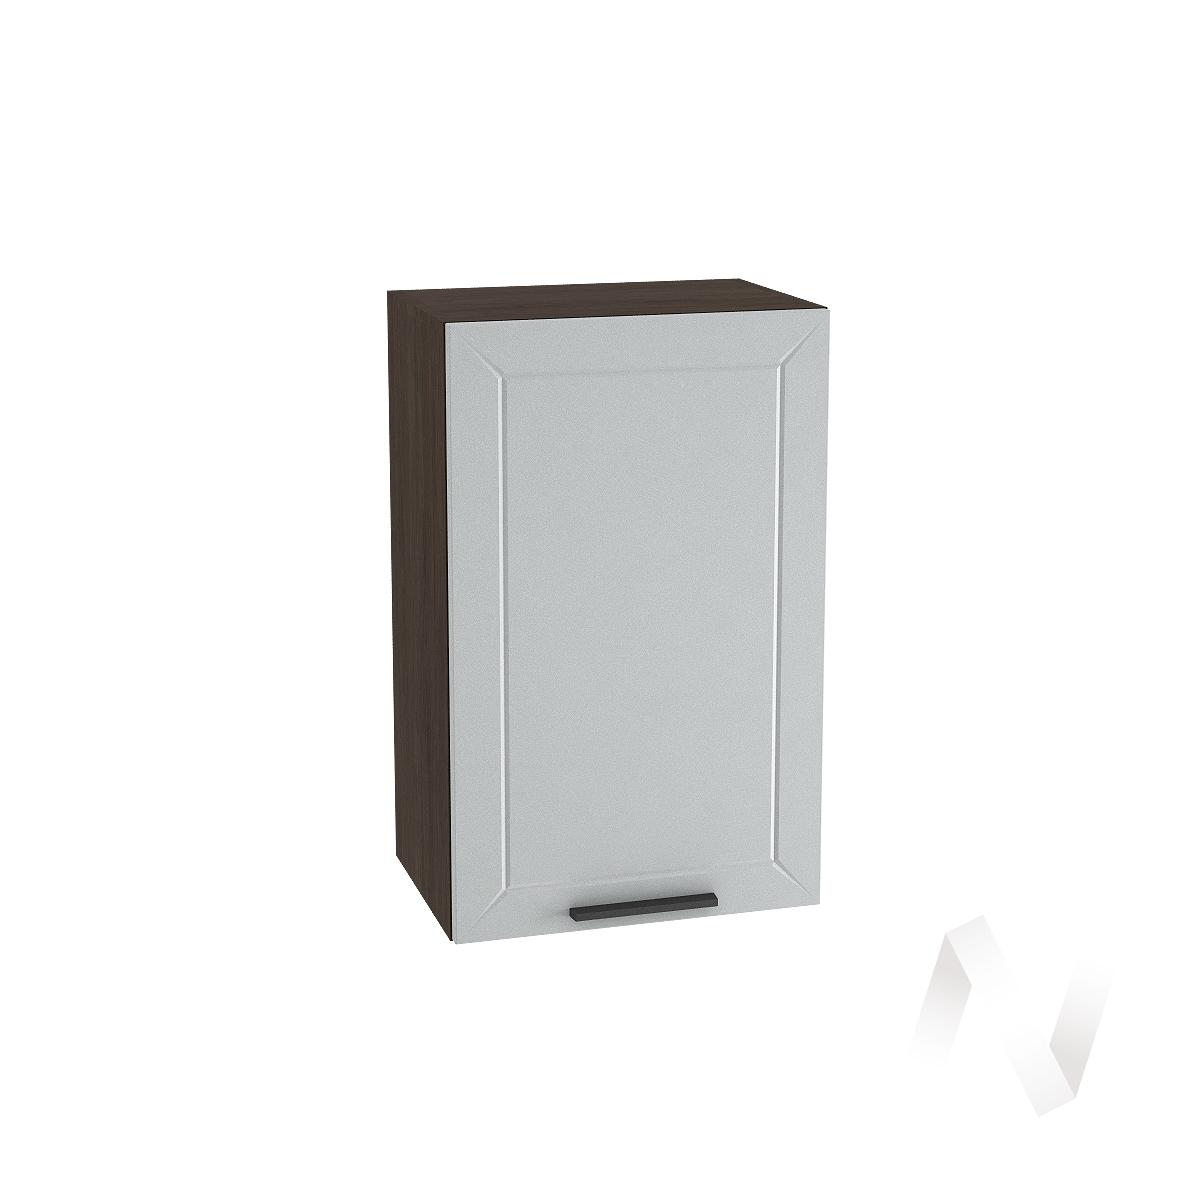 """Кухня """"Глетчер"""": Шкаф верхний 450, ШВ 450 (Гейнсборо Силк/корпус венге)"""